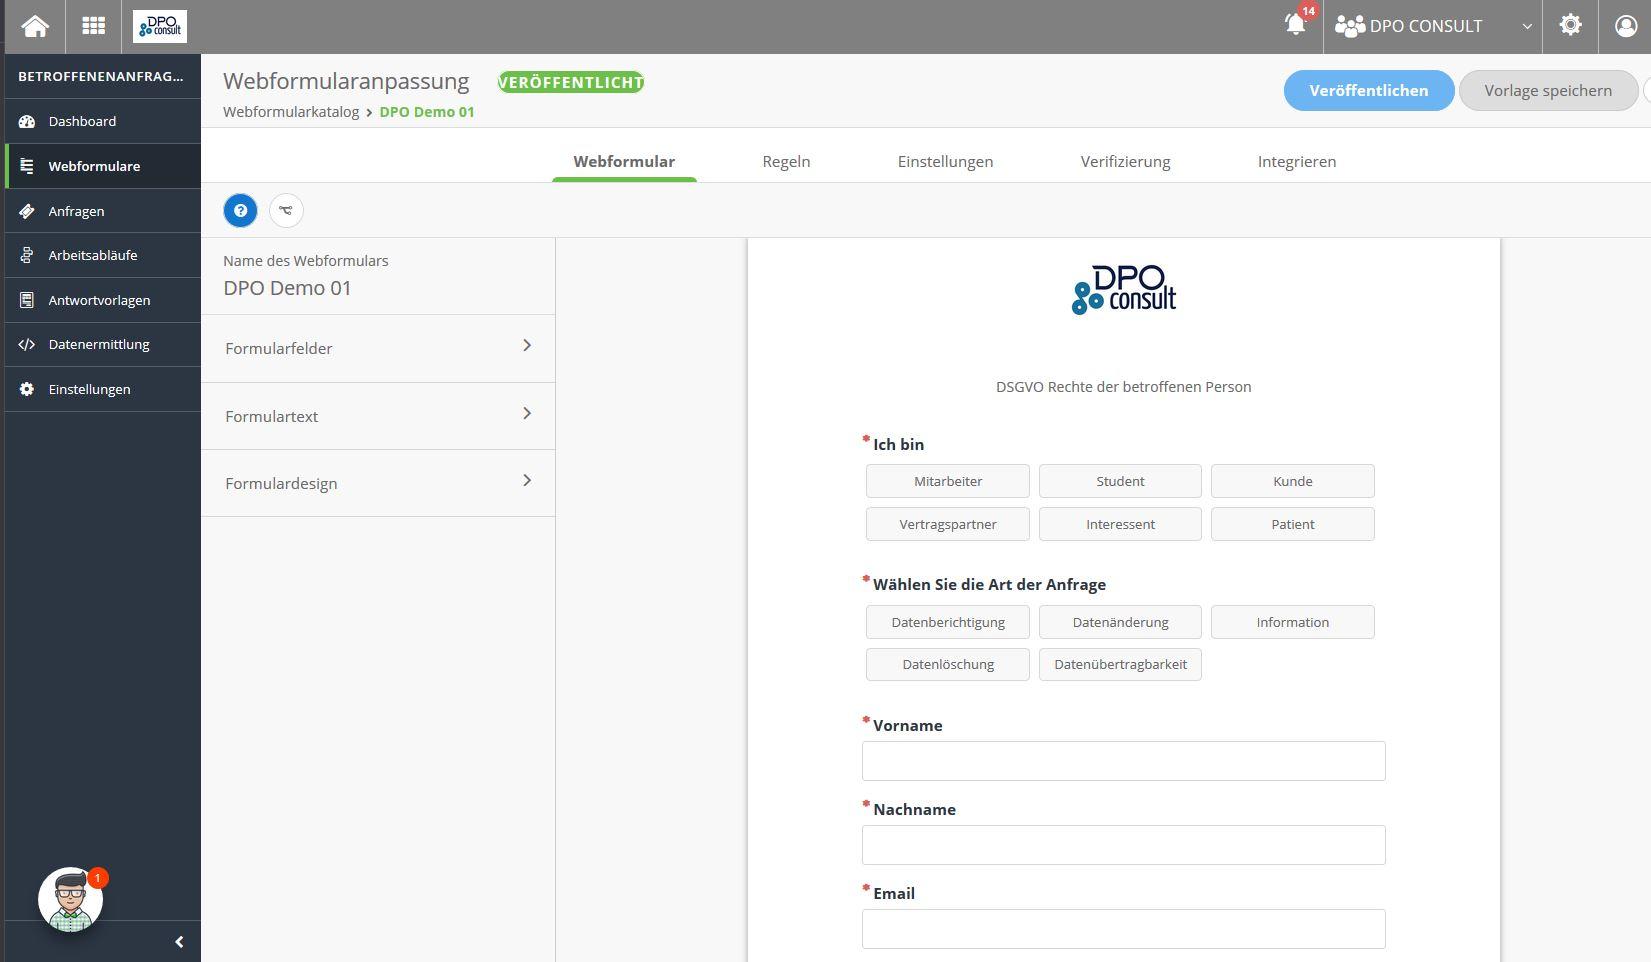 DSGVO-konformes Einwilligungsmanagement - Wie funktioniert die praktische Umsetzung